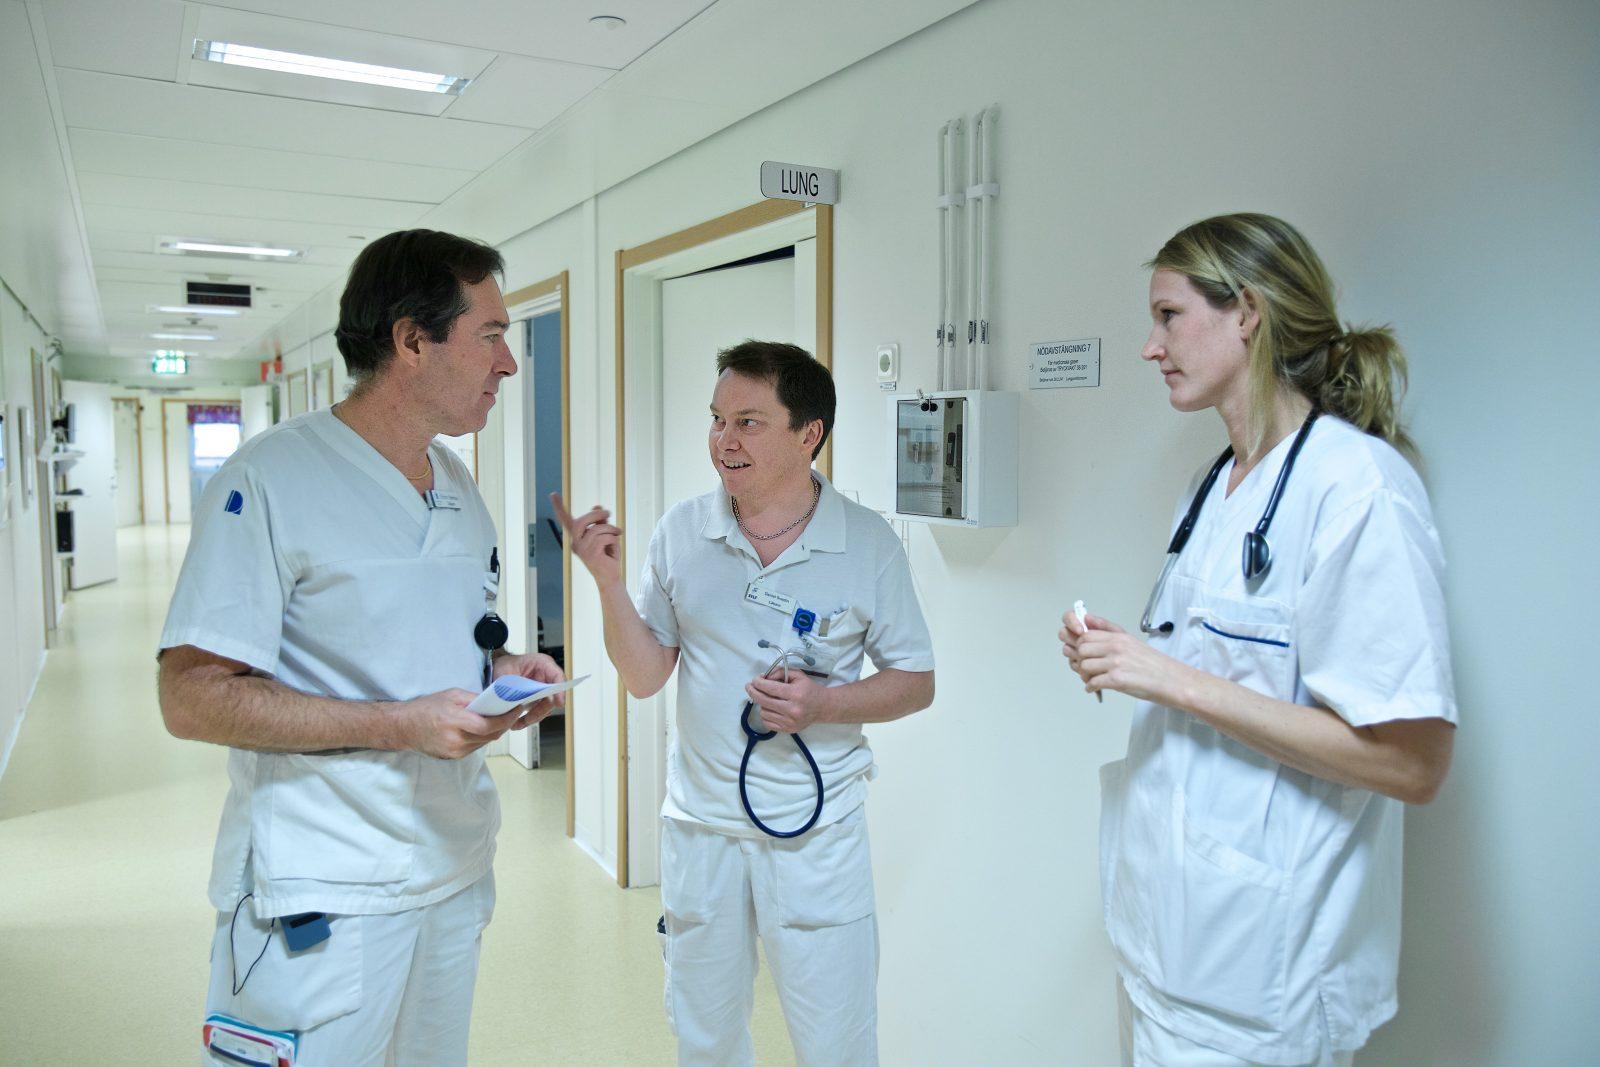 Lung- och allergimottagningen Flu Lasarett Pierre Sobrino Daniel Svedin Dinette Ruising – Aghterhuis